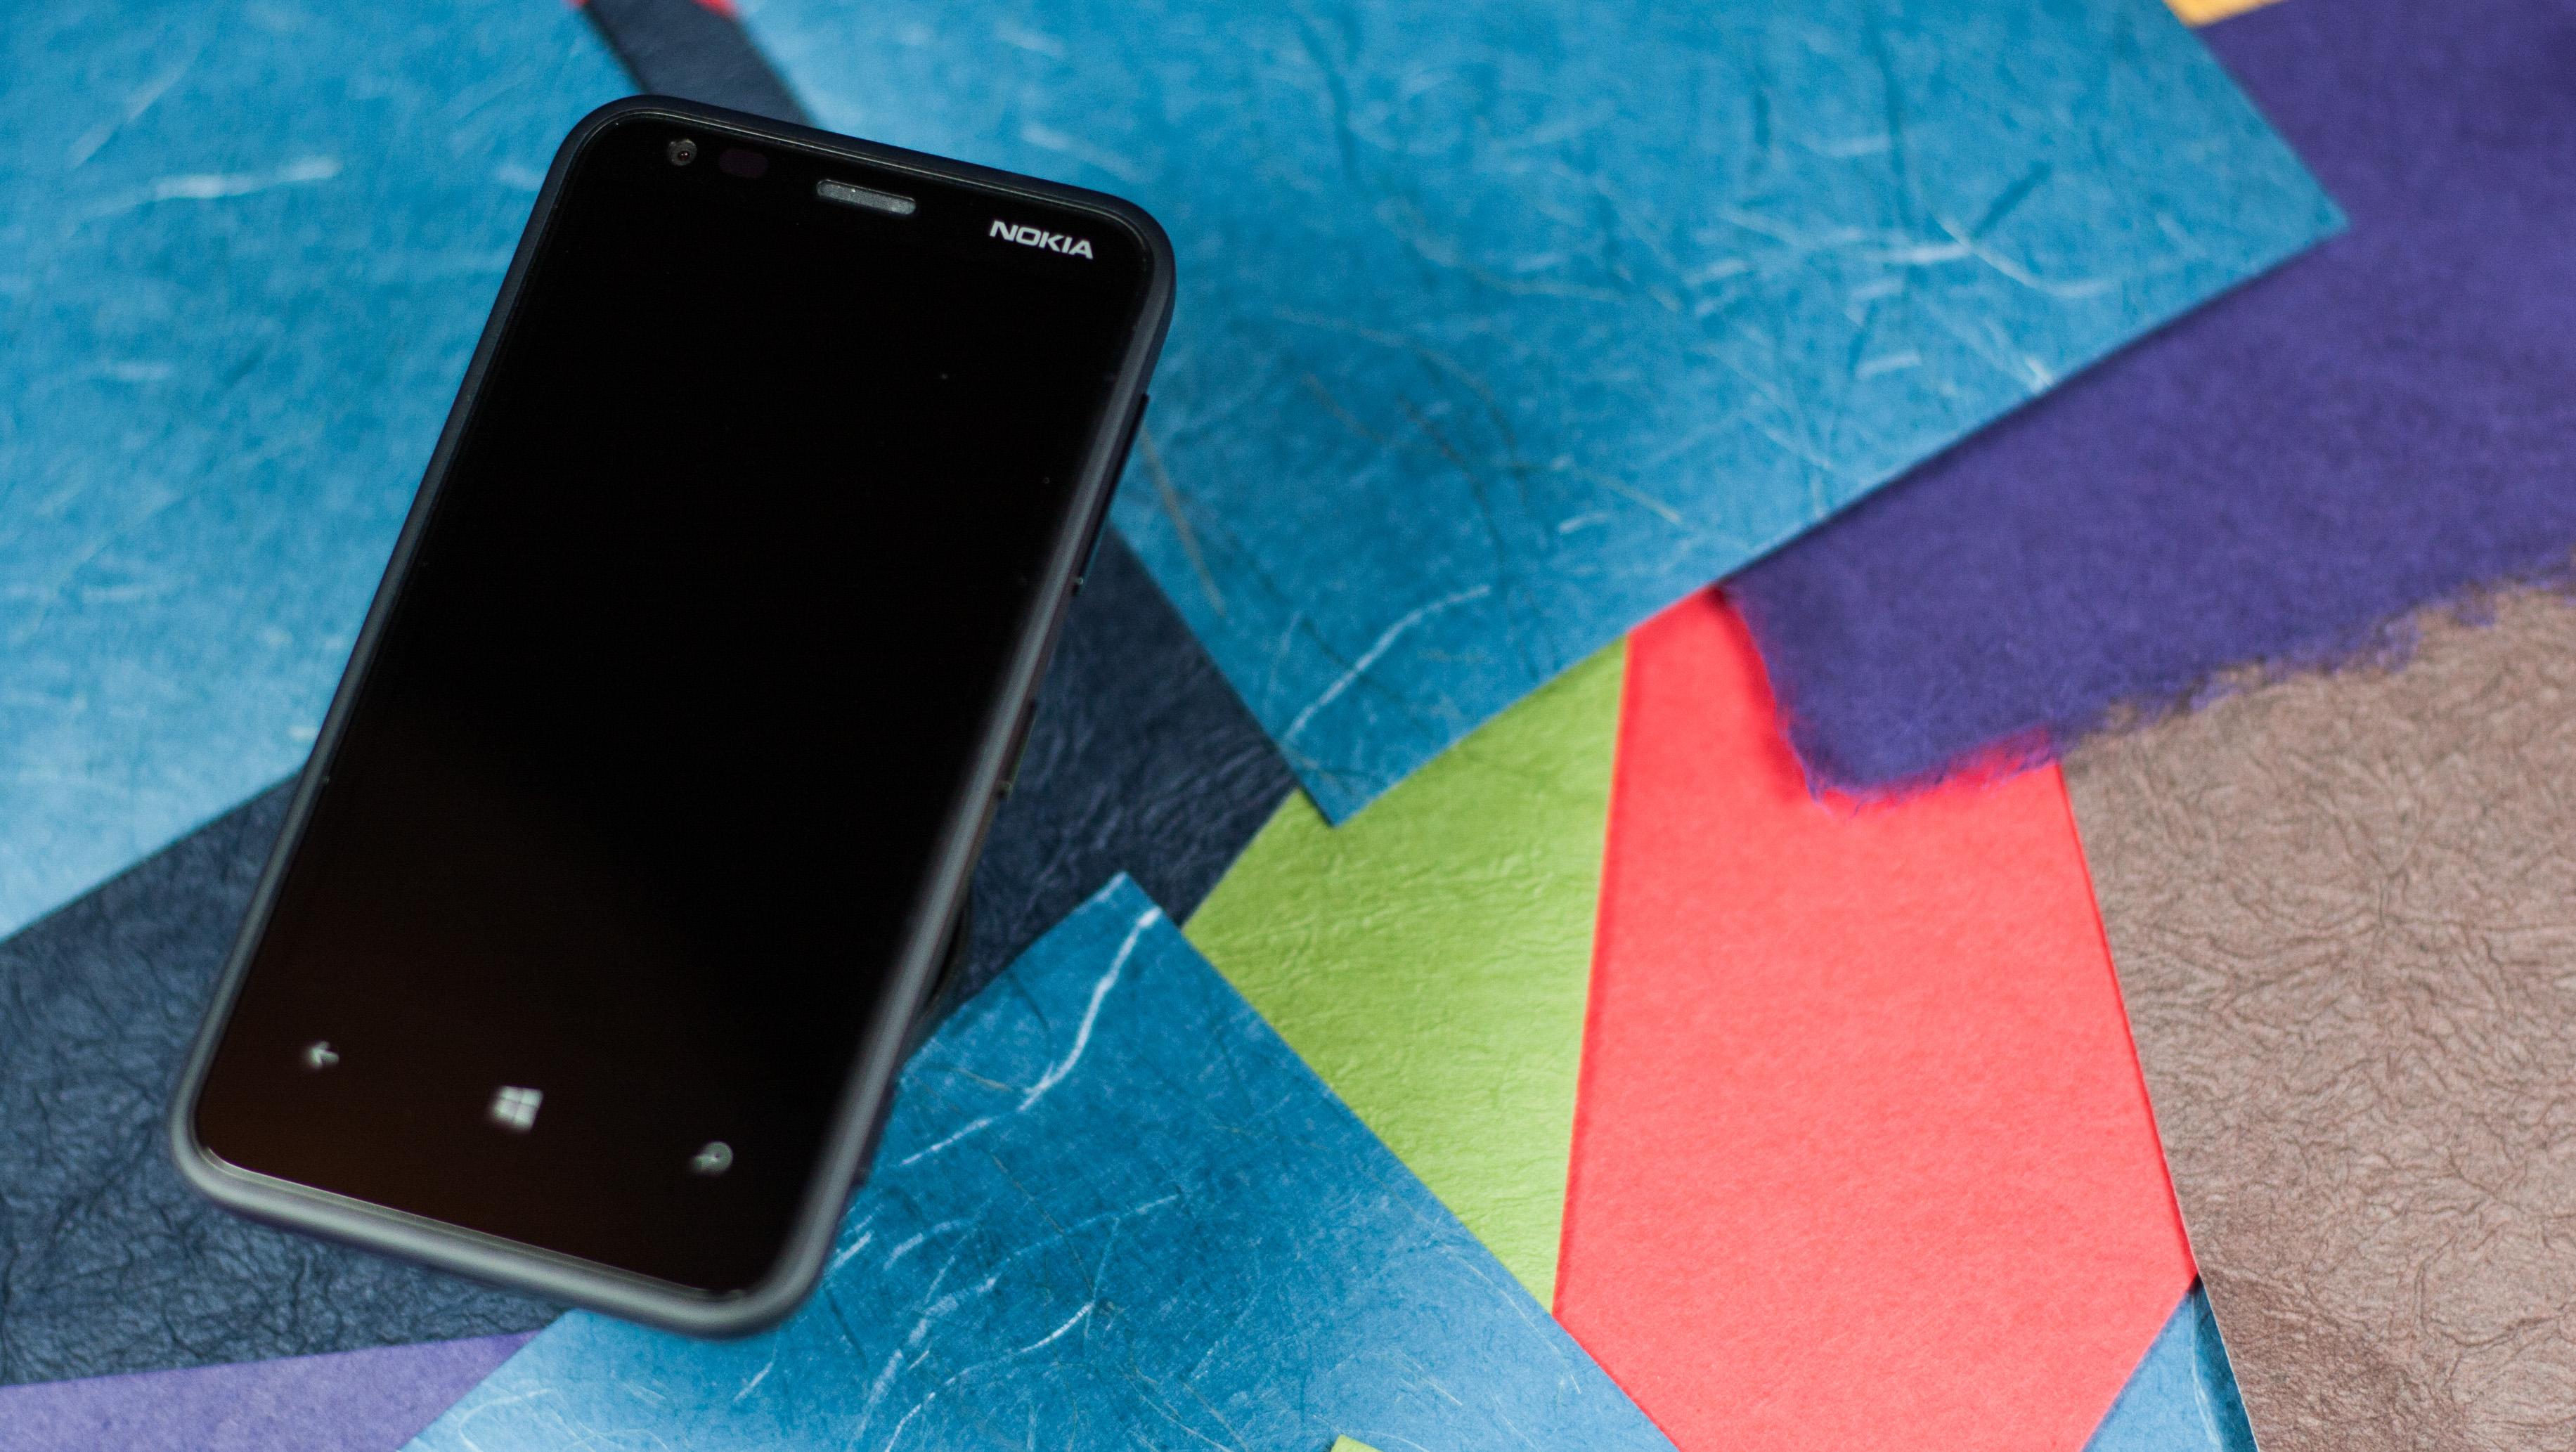 Le Nokia Lumia 620, tout en noir, vu de face